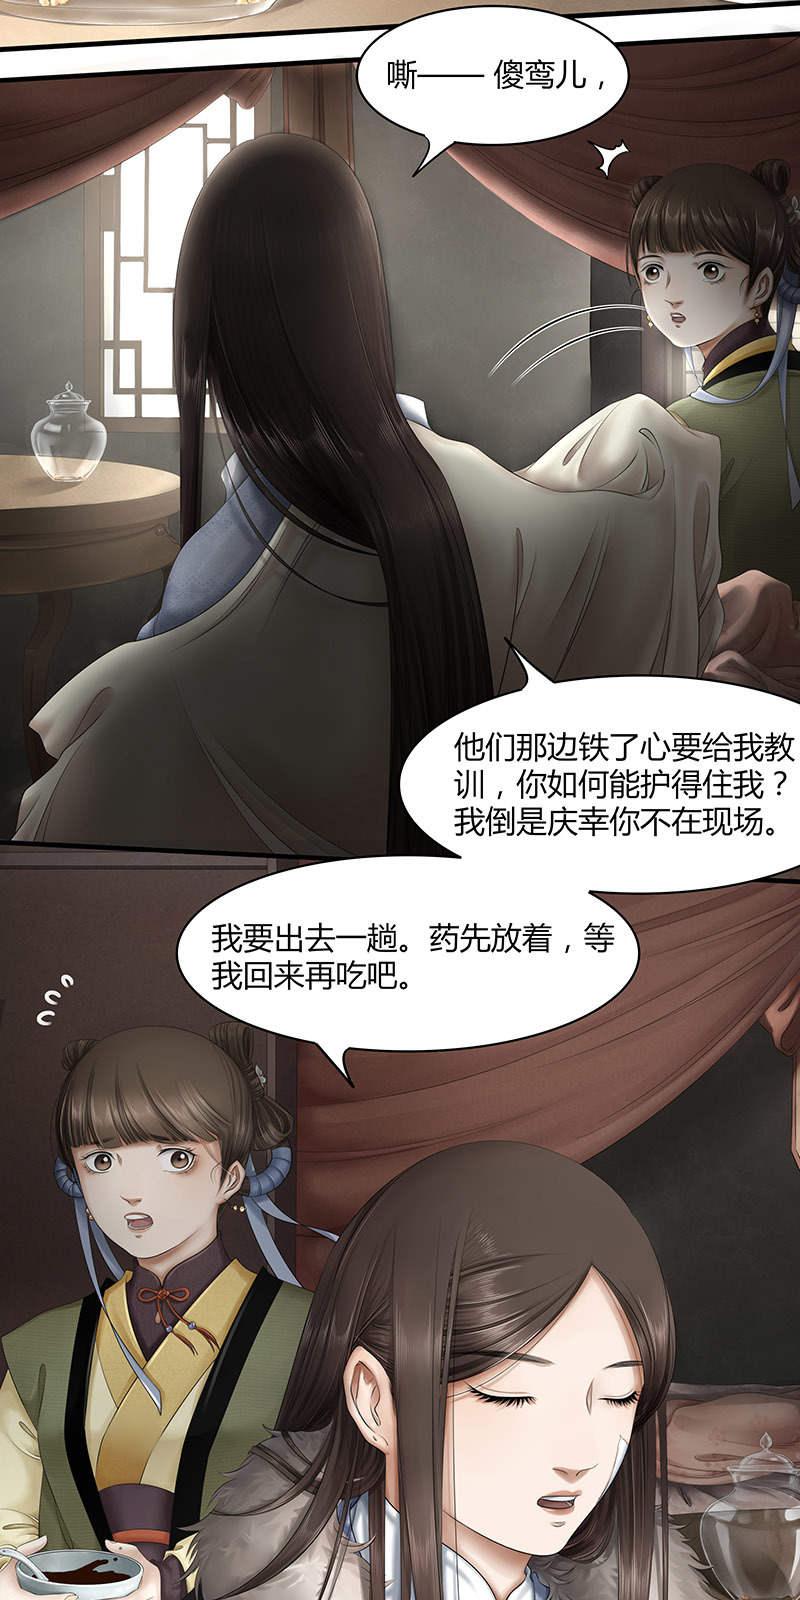 画骨女仵作第37话  碰瓷 第 5